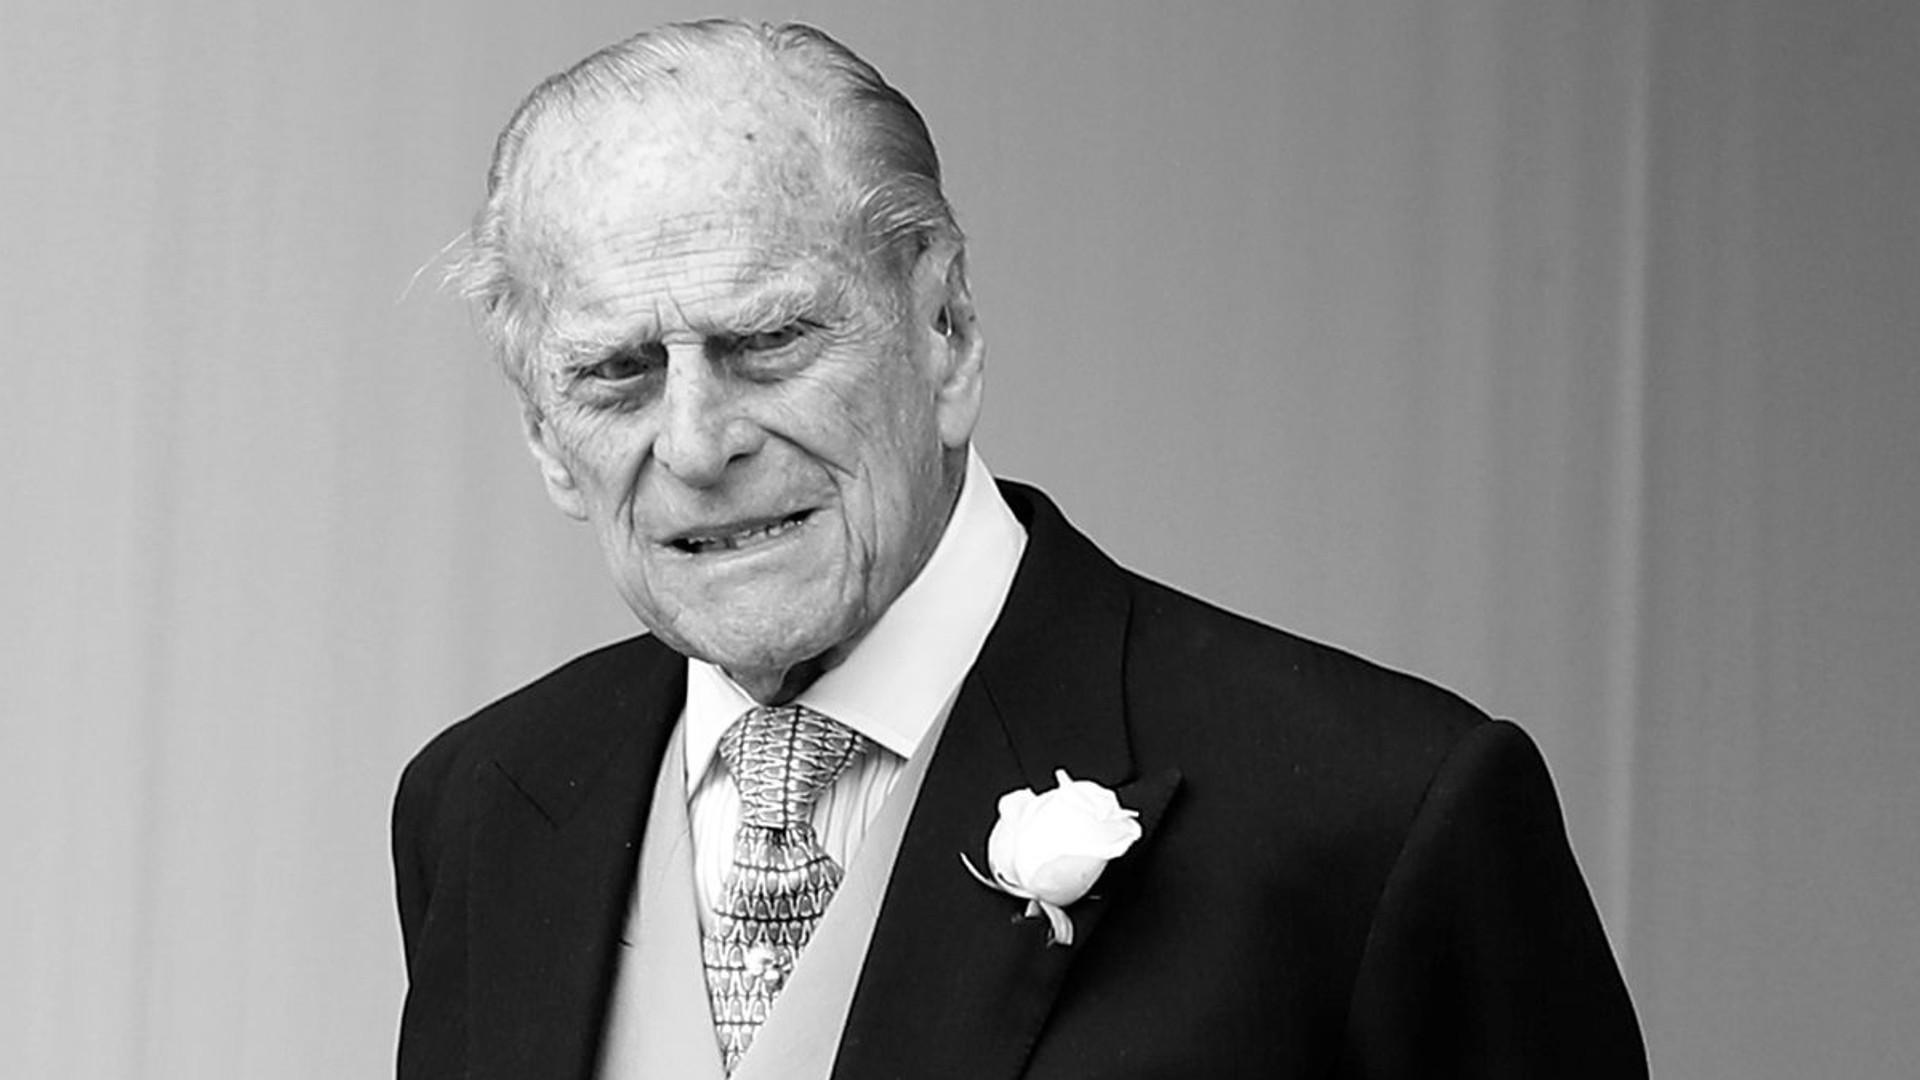 NIE ŻYJE książę Filip! Królowa Elżbieta pogrążona w żałobie